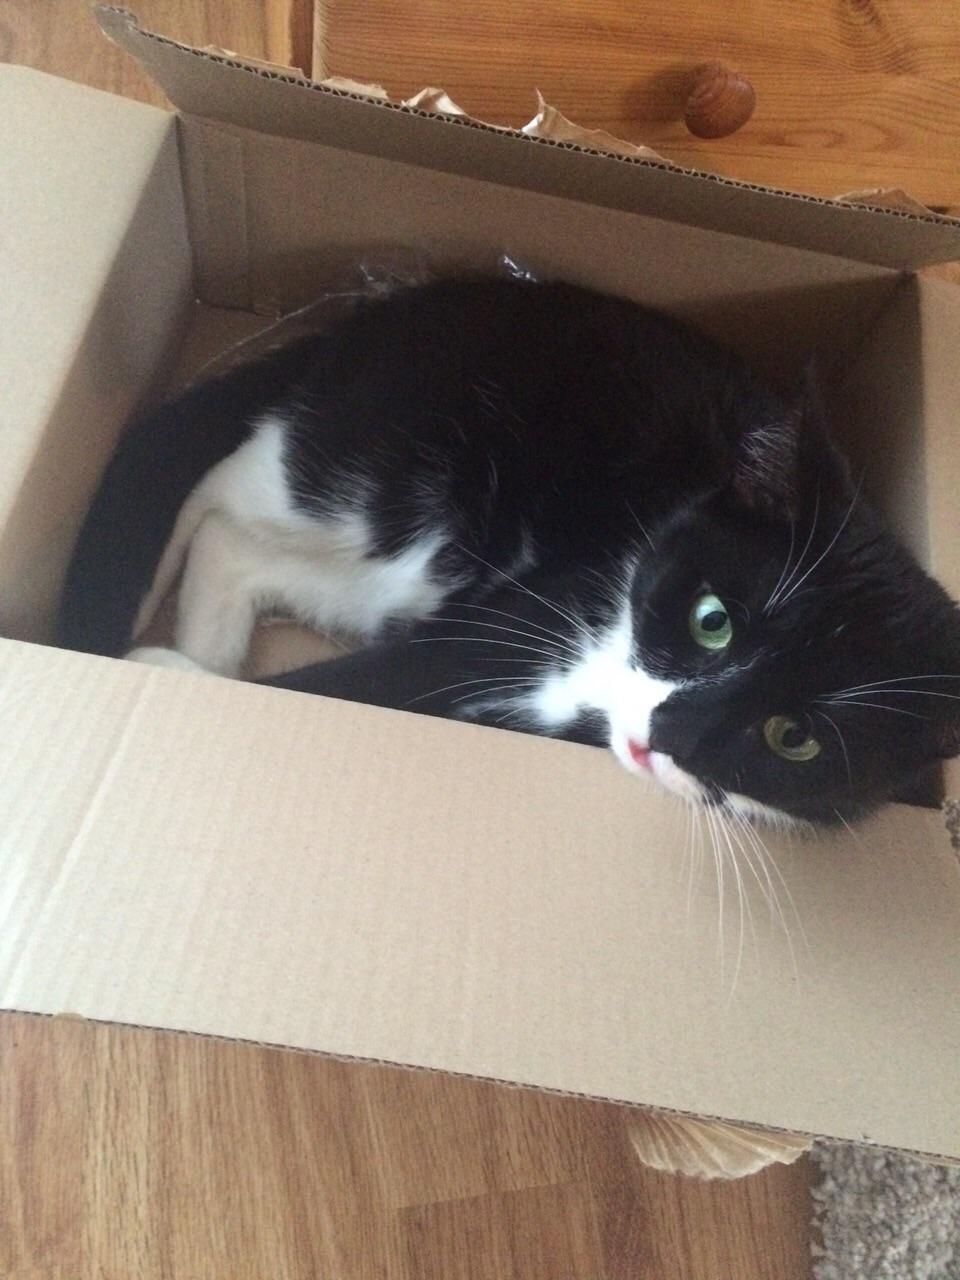 Katzen lieben Kisten